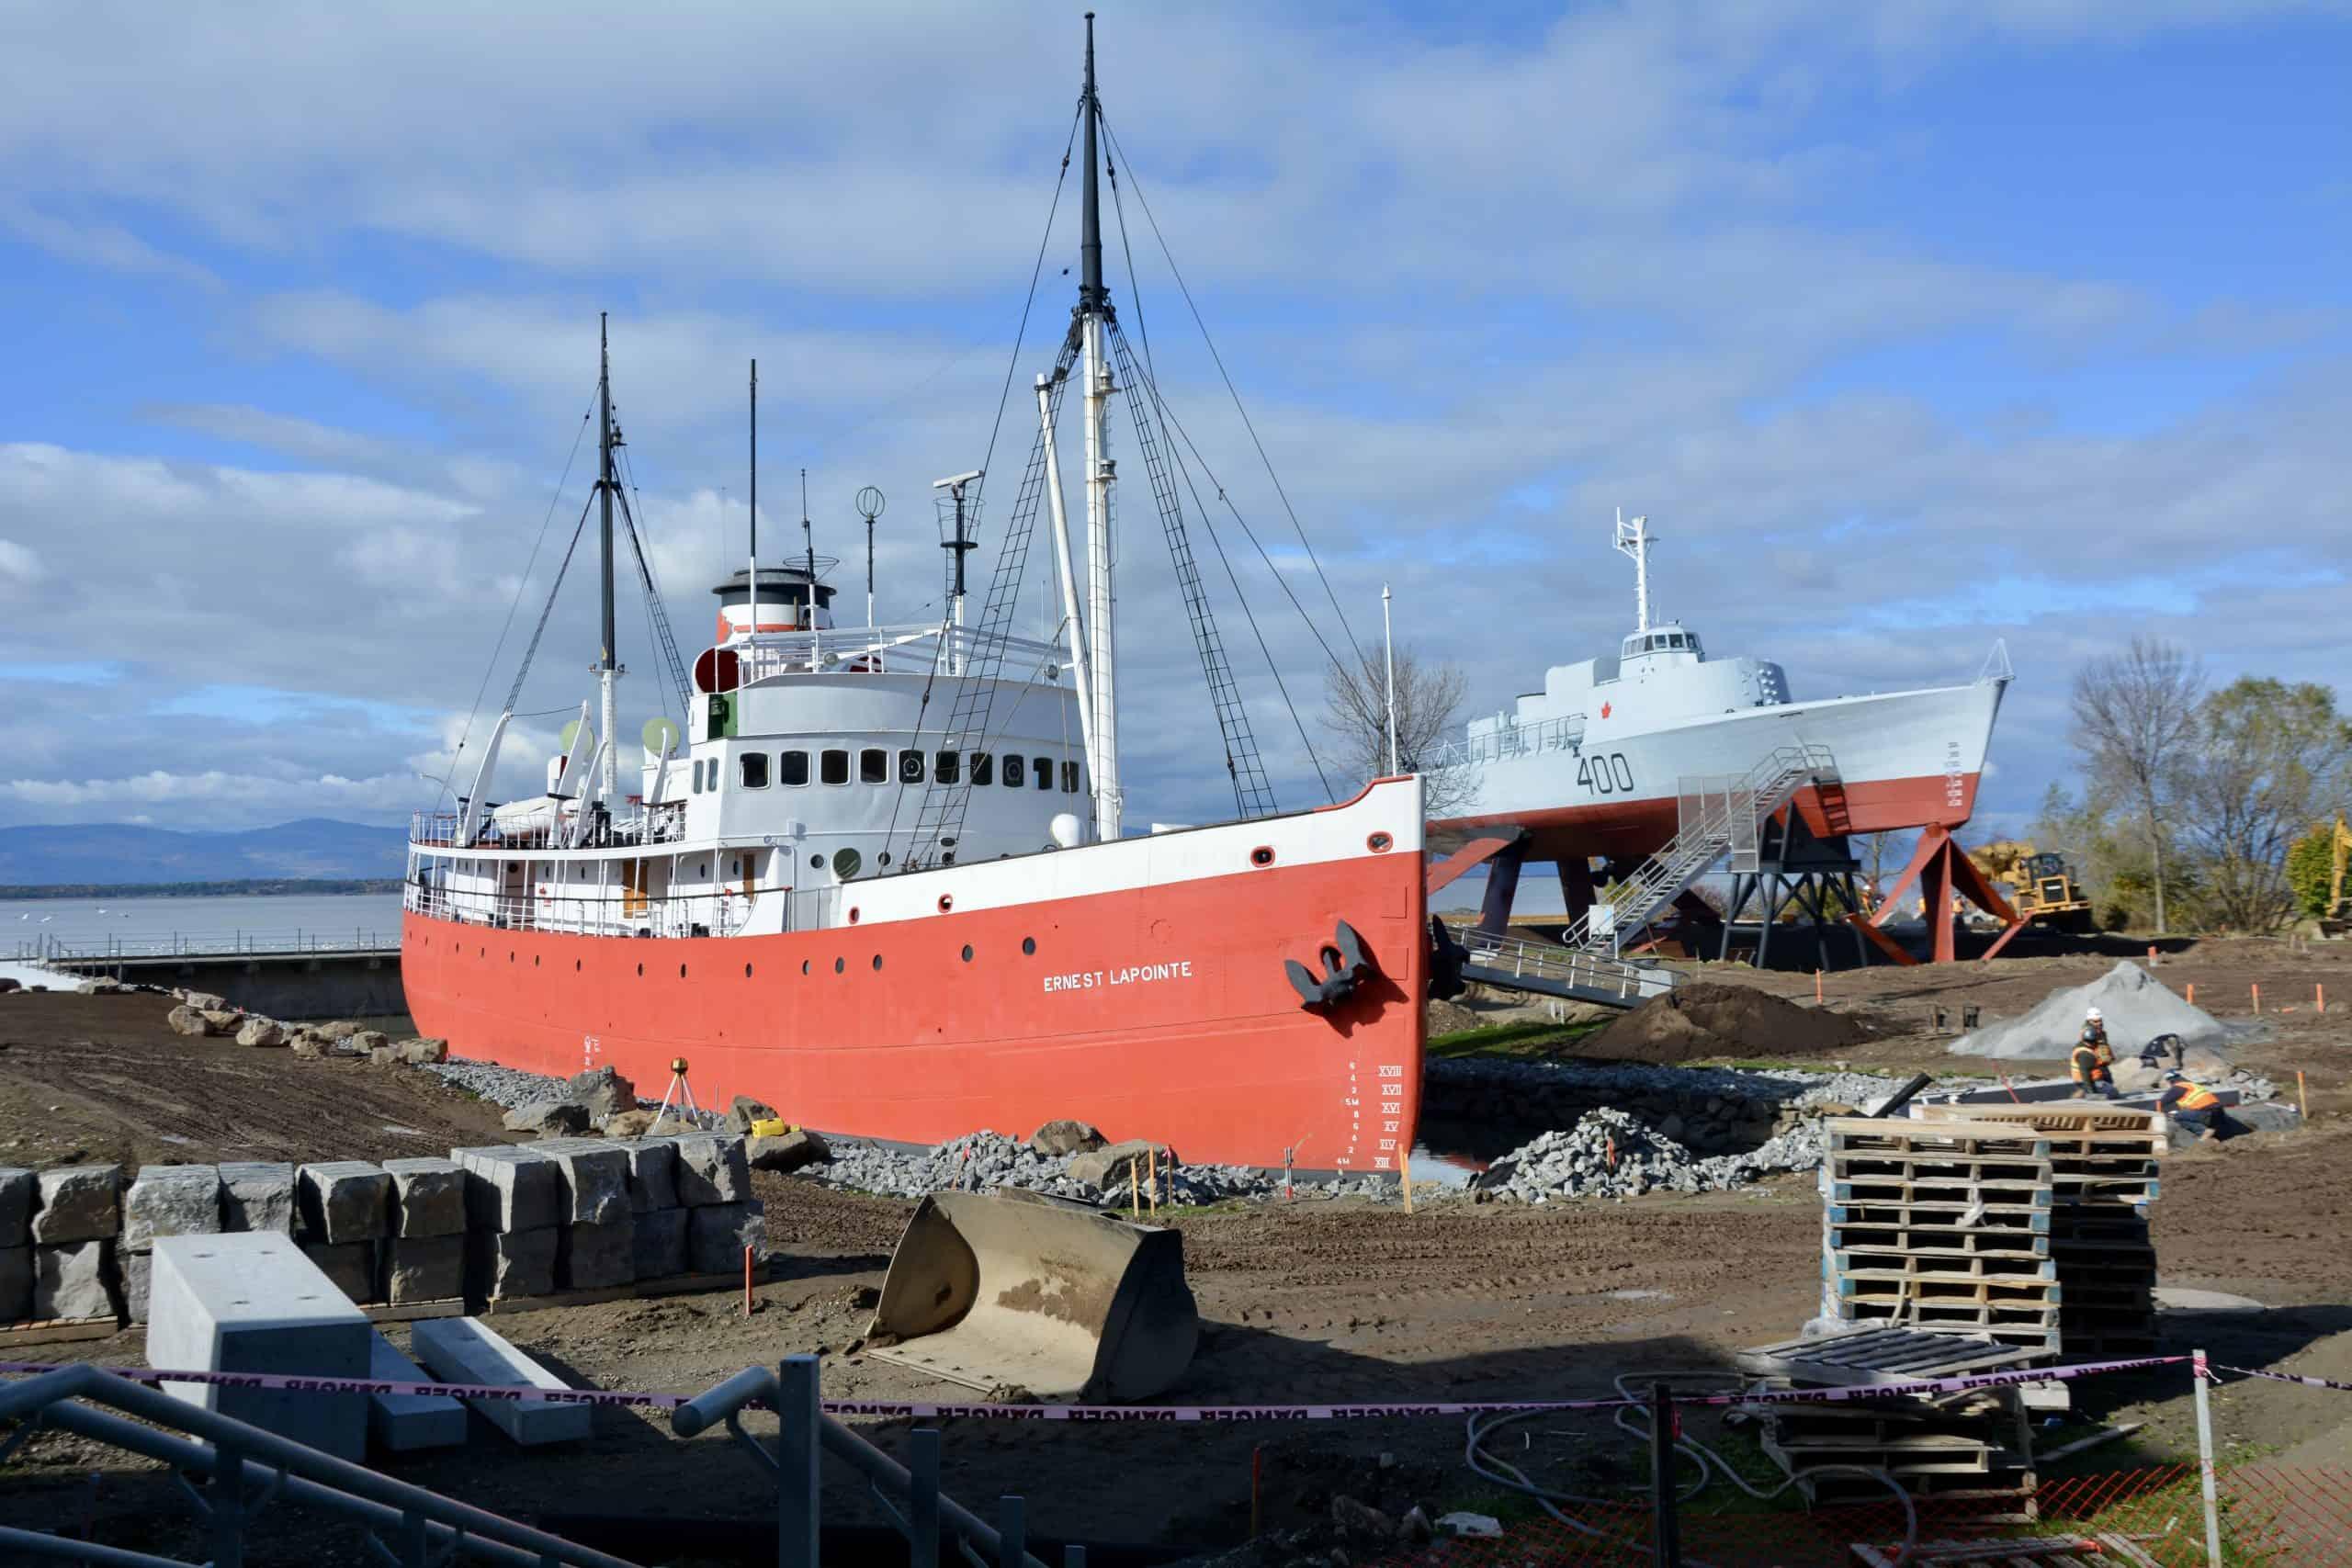 Musée maritime du Québec : Dernier droit de la campagne de financement populaire